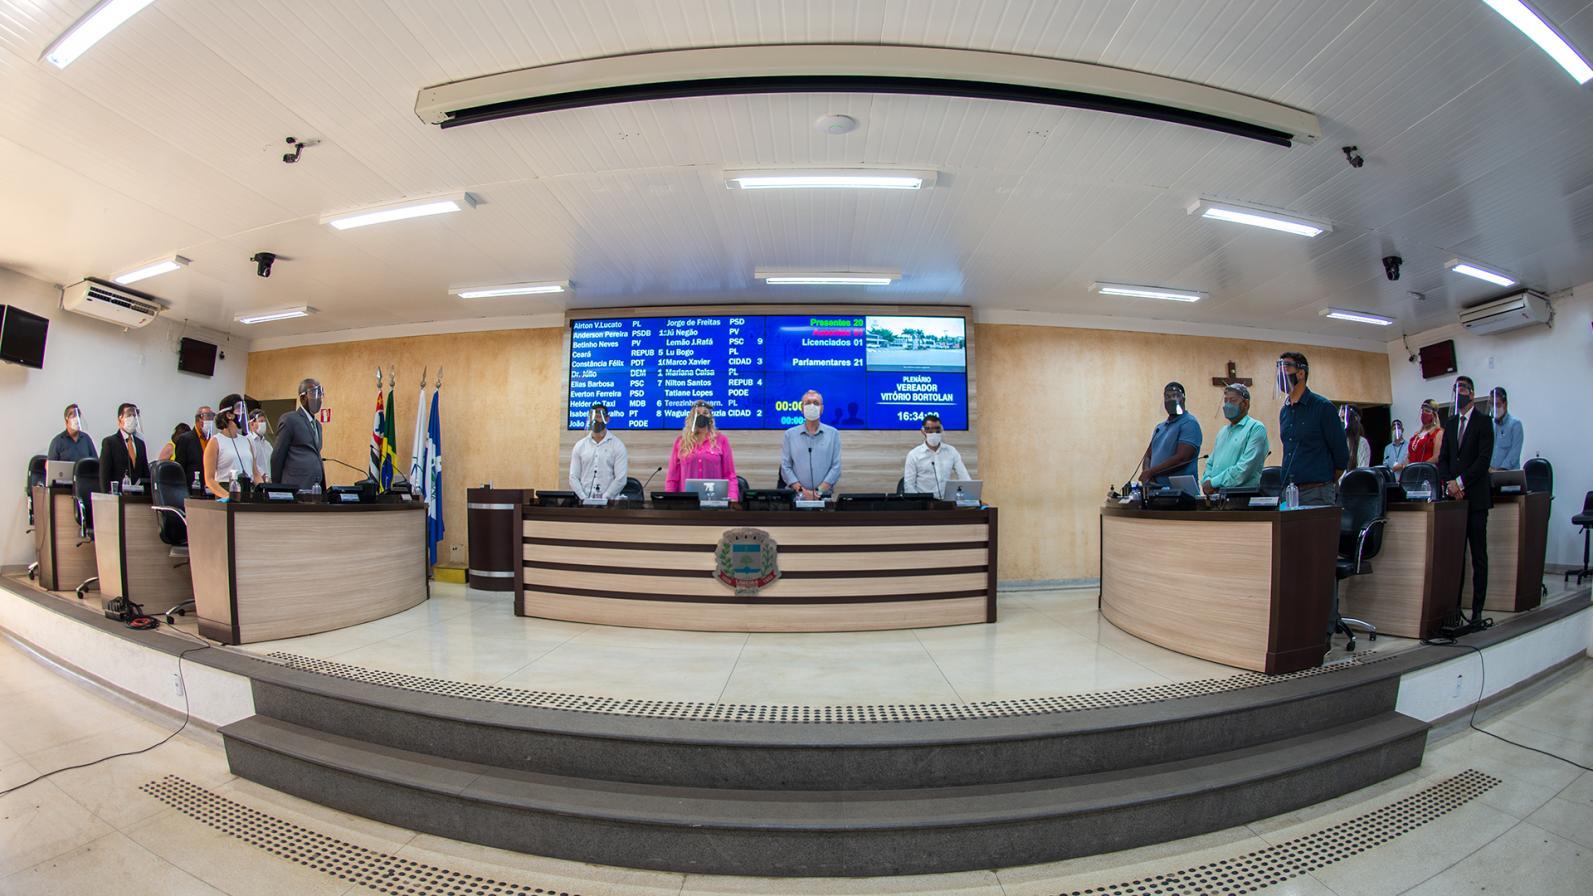 Sessões presenciais são retomadas na Câmara Municipal de Limeira